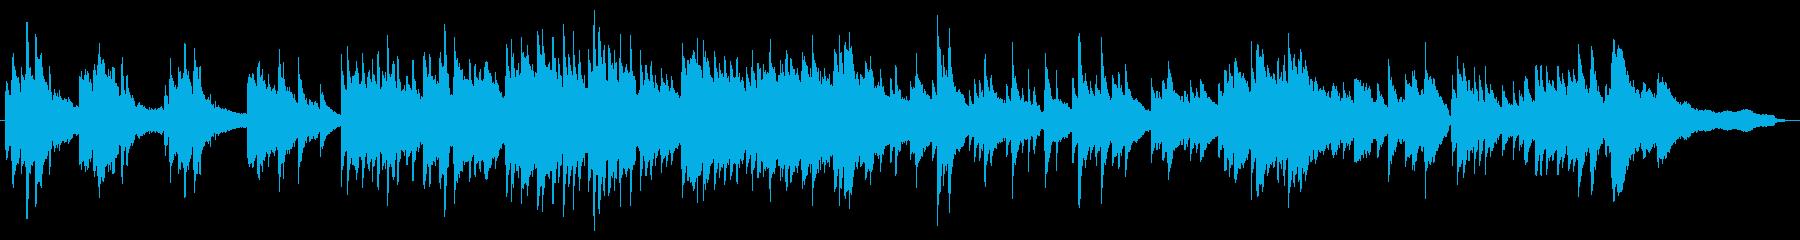 和風の音階で軽快な明るいピアノソロの再生済みの波形